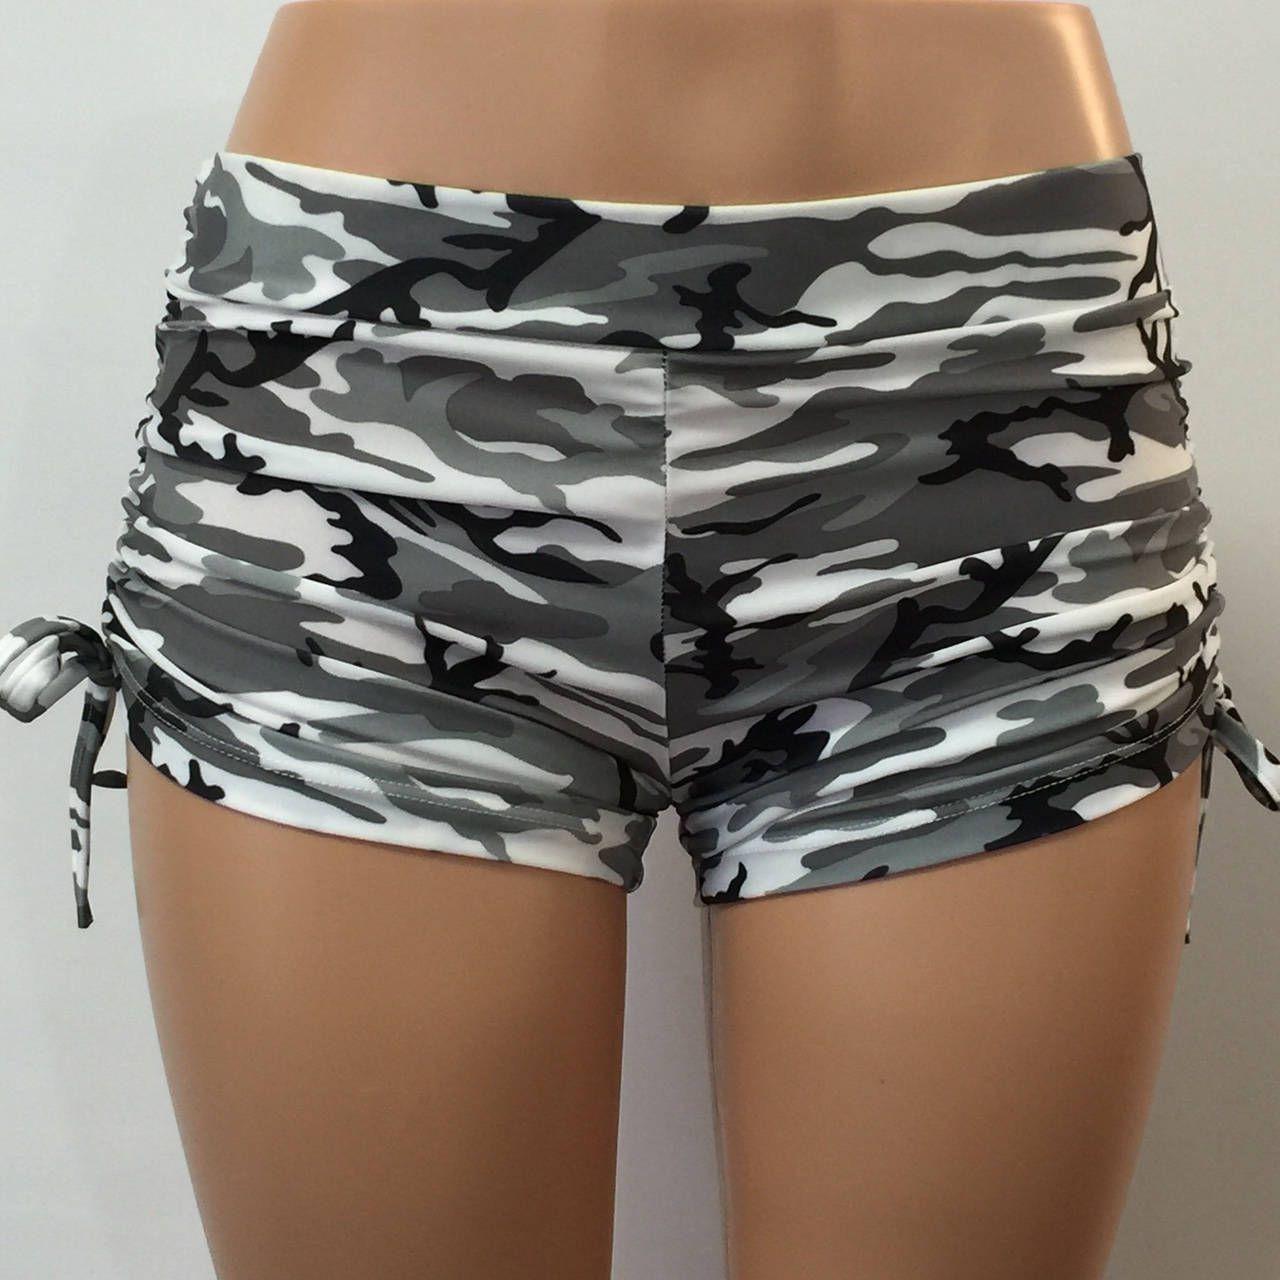 9c1050730c Hot Yoga Shorts - Camo Shorts - Fitness Shorts - Black - White - Pole  Fitness - Shorts - Plus Size Workout - SXYfitness - Made in USA by  SXYfitness on Etsy